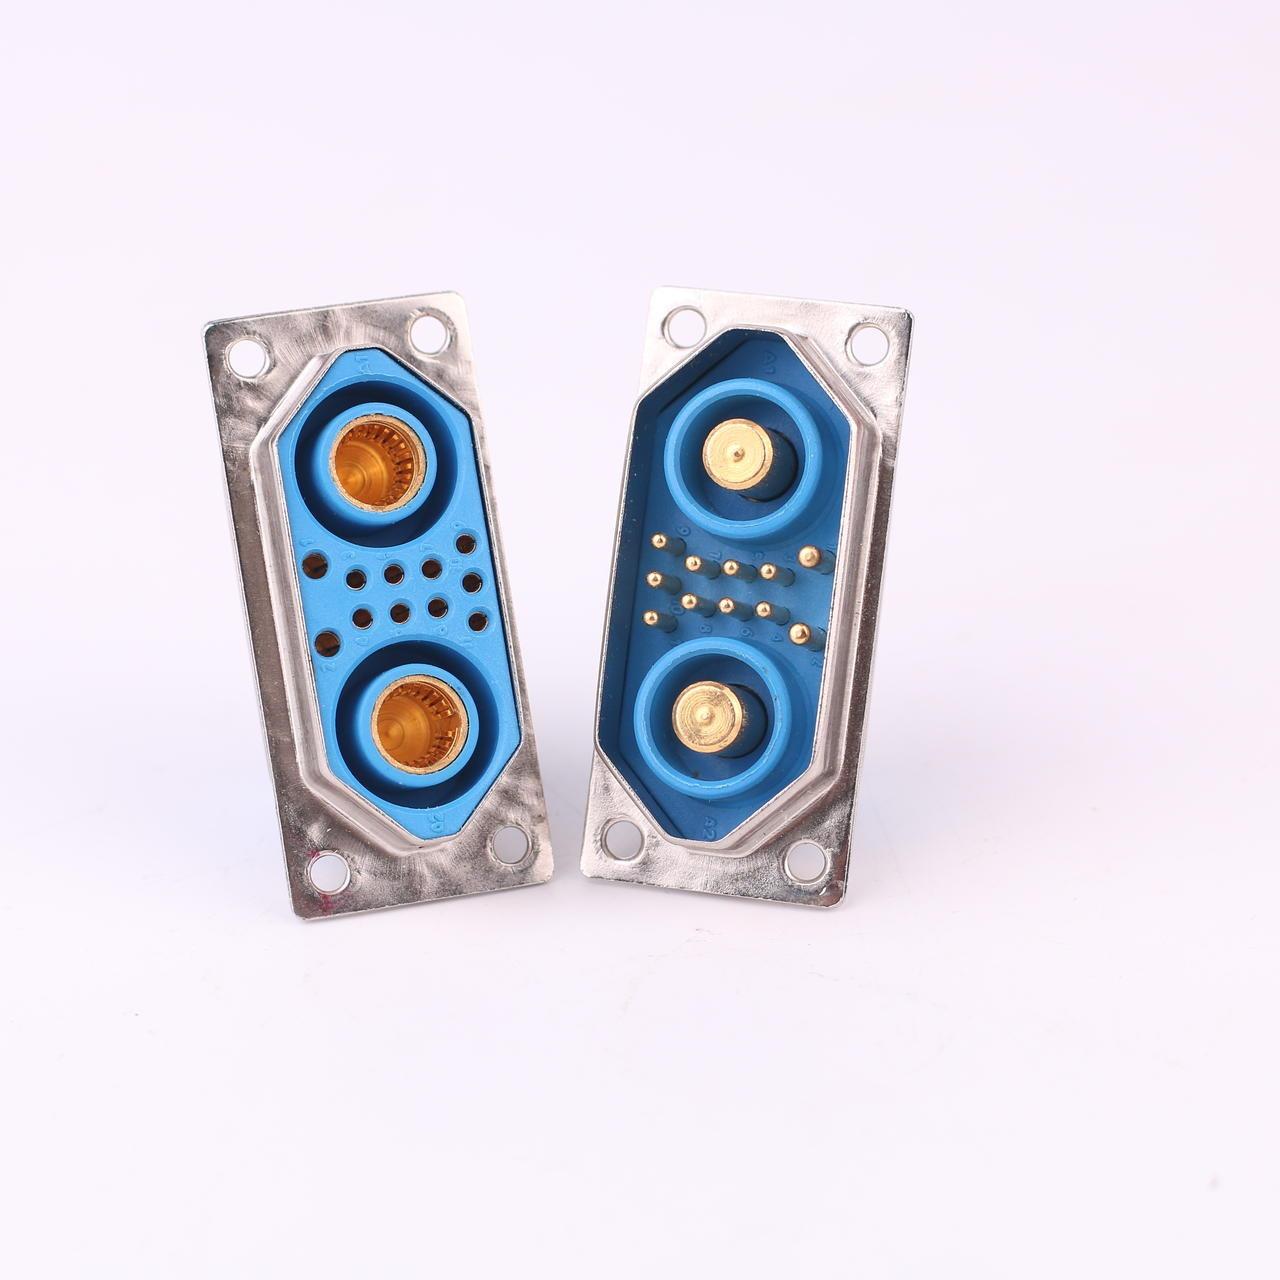 電源連接器 大電流連接器   東普電子廠家定制   13W2大電流混裝連接器  采用冠簧插孔  表面鍍金